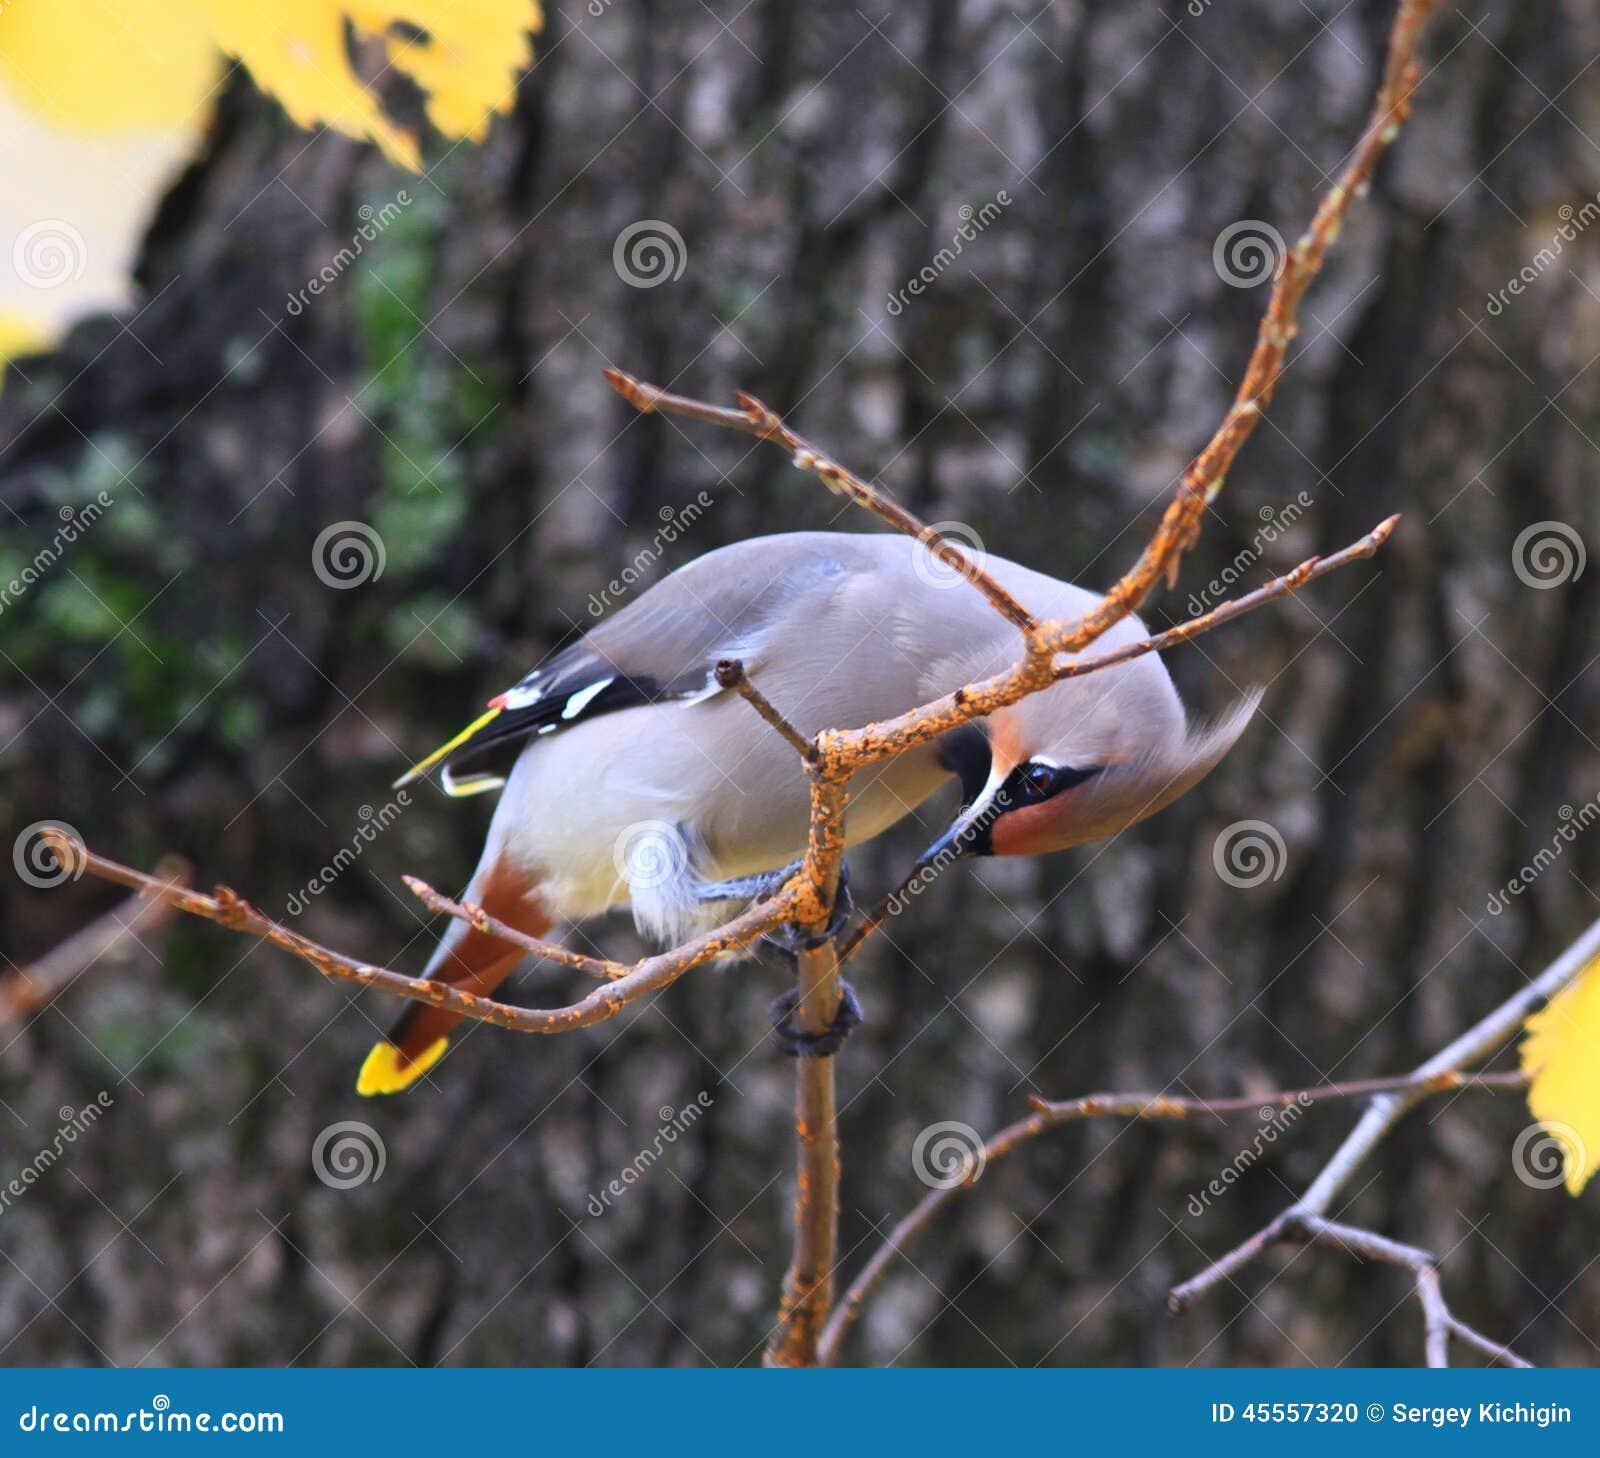 Un pequeño pájaro en una rama de árbol